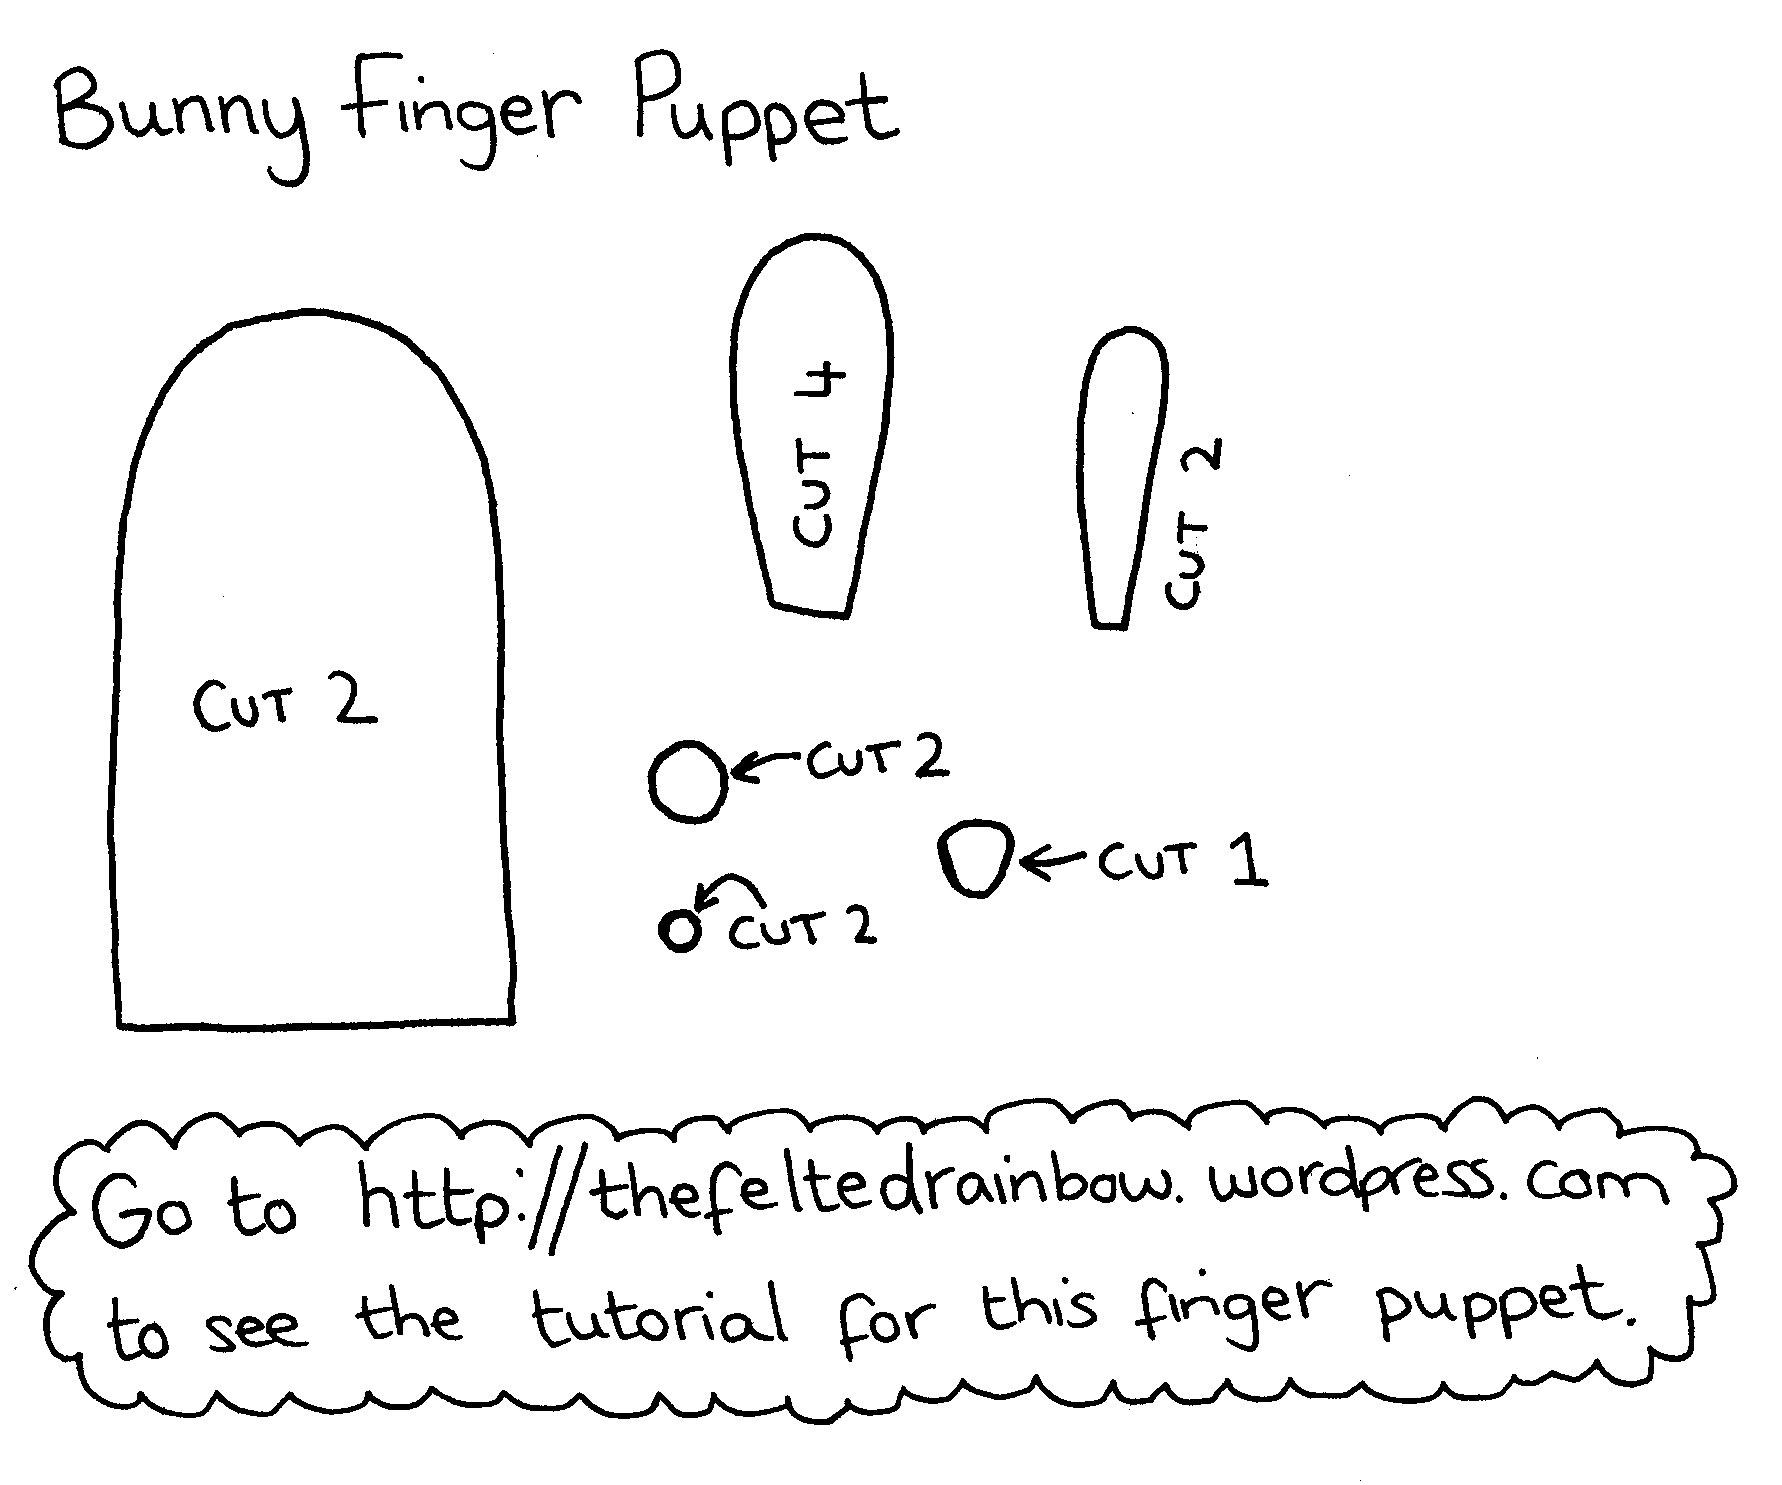 Tutorial Bunny Finger Puppet